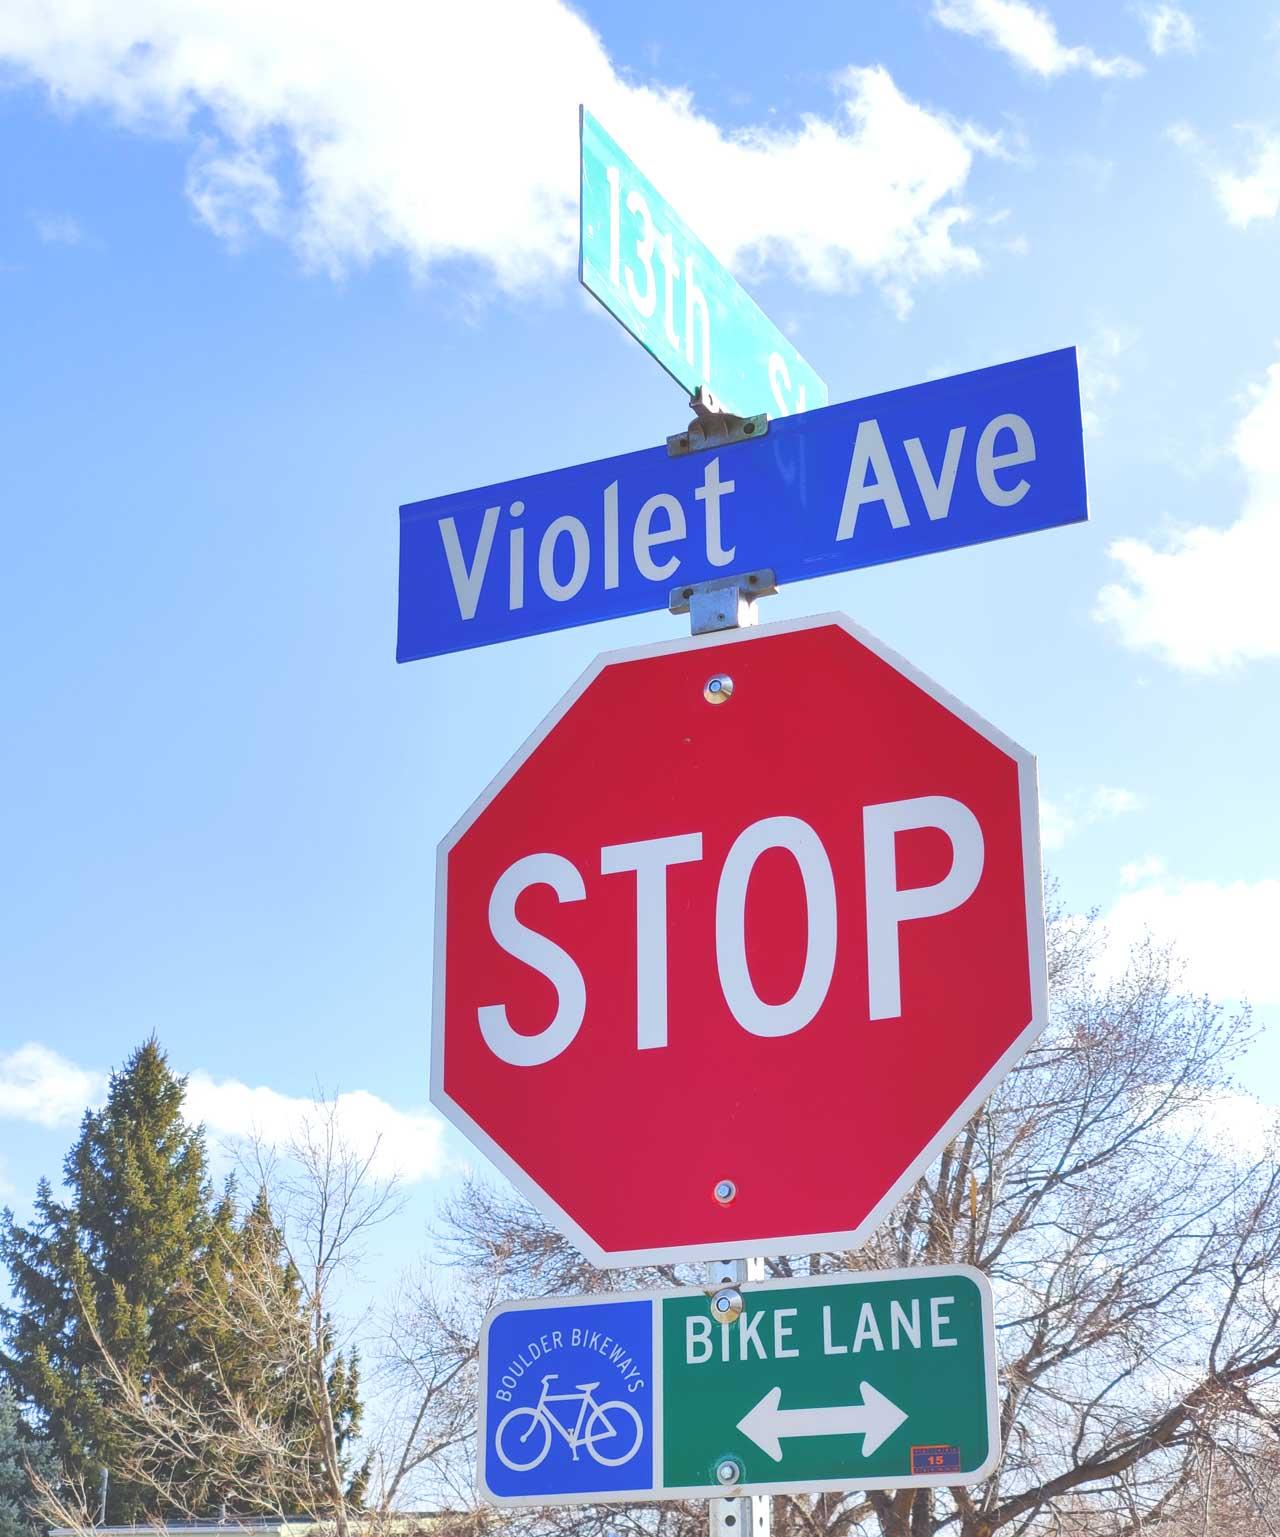 Violet avenue-Boulder